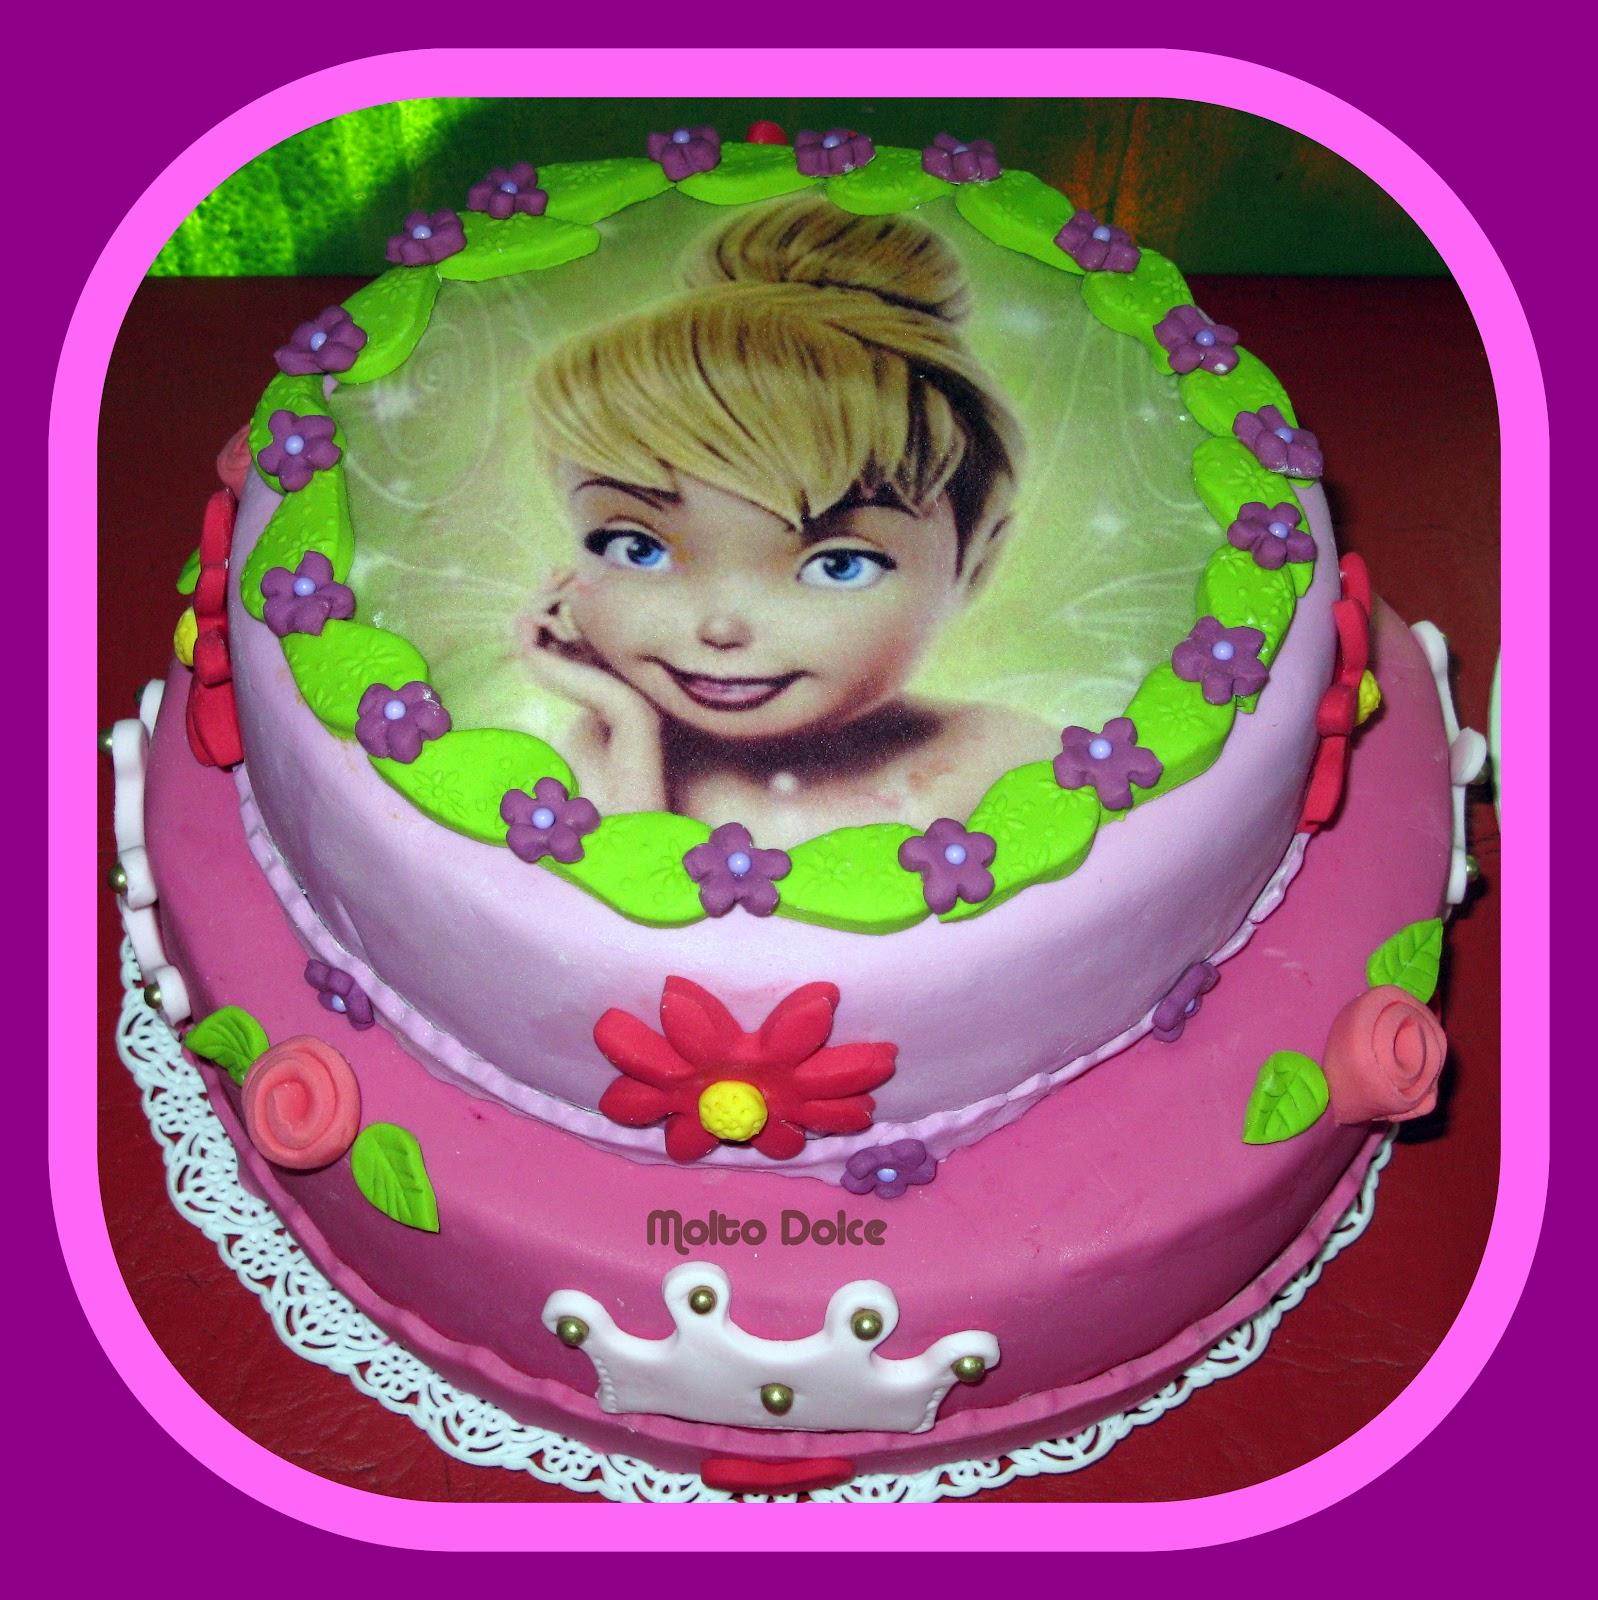 Ver tortas decoradas de campanita - Imagui